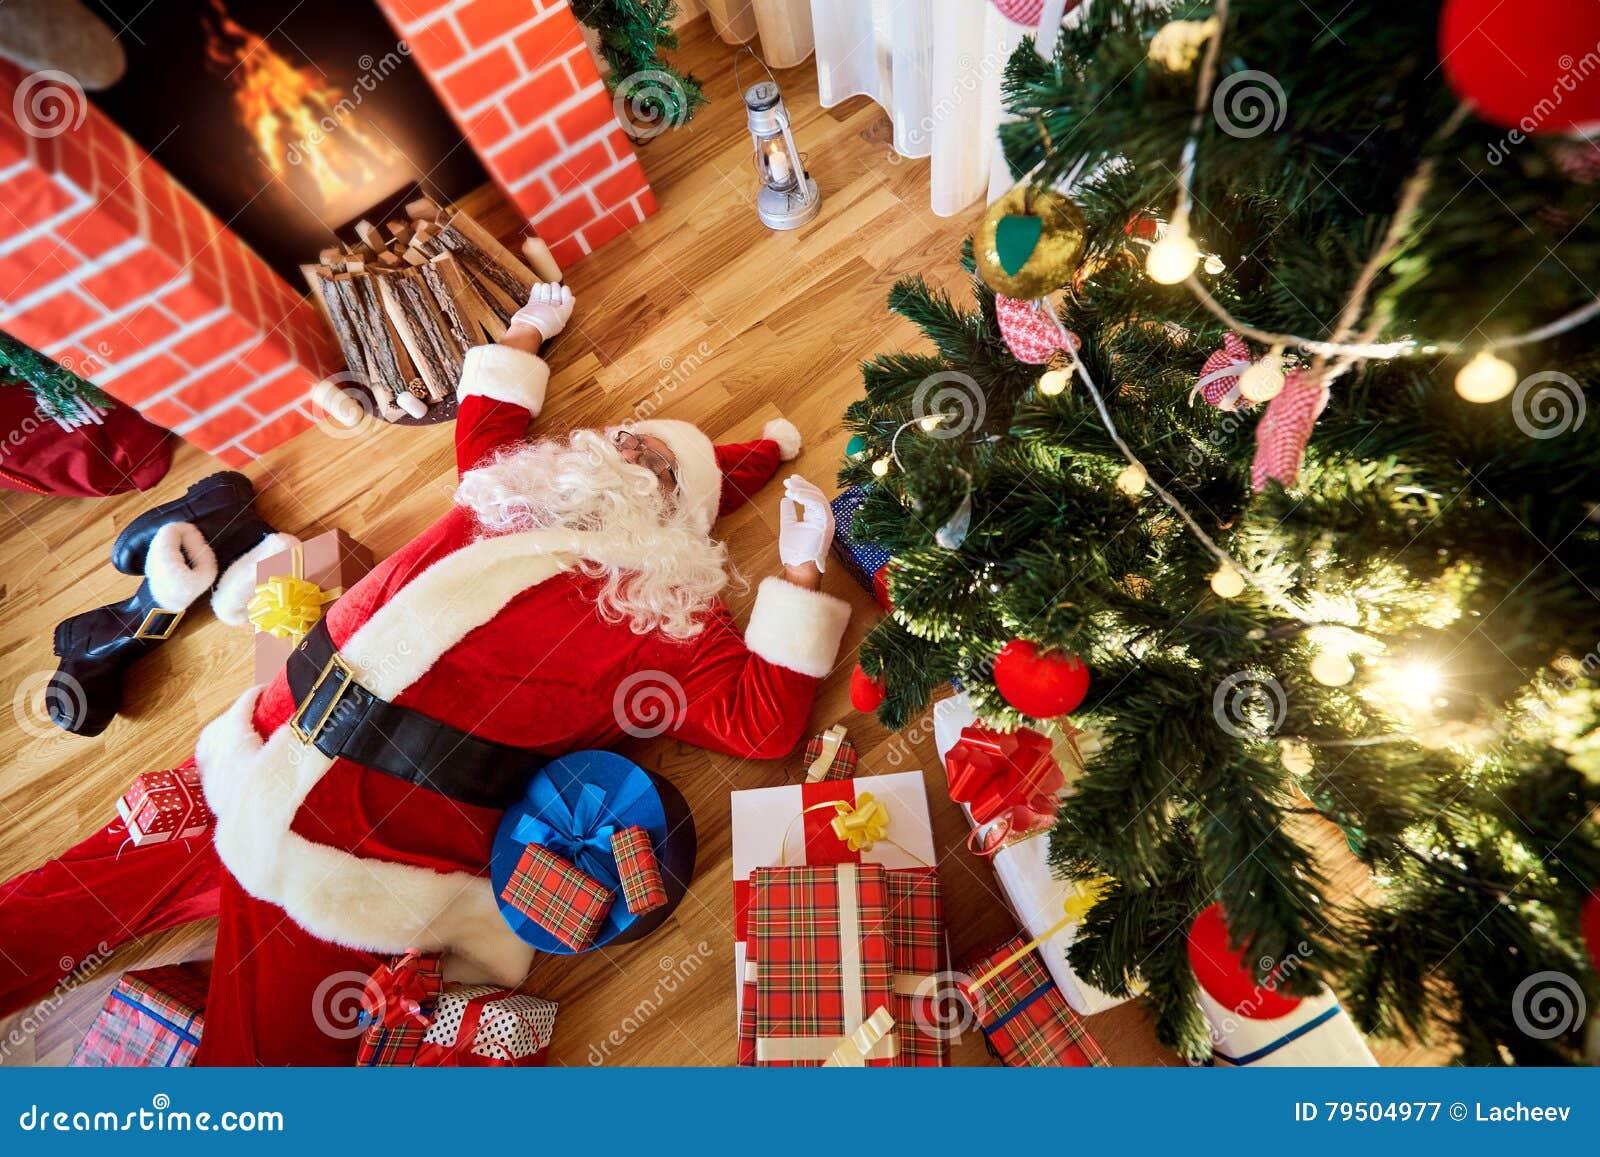 Santa Claus is vermoeid slapen, gedronken in een ruimte dichtbij firepla